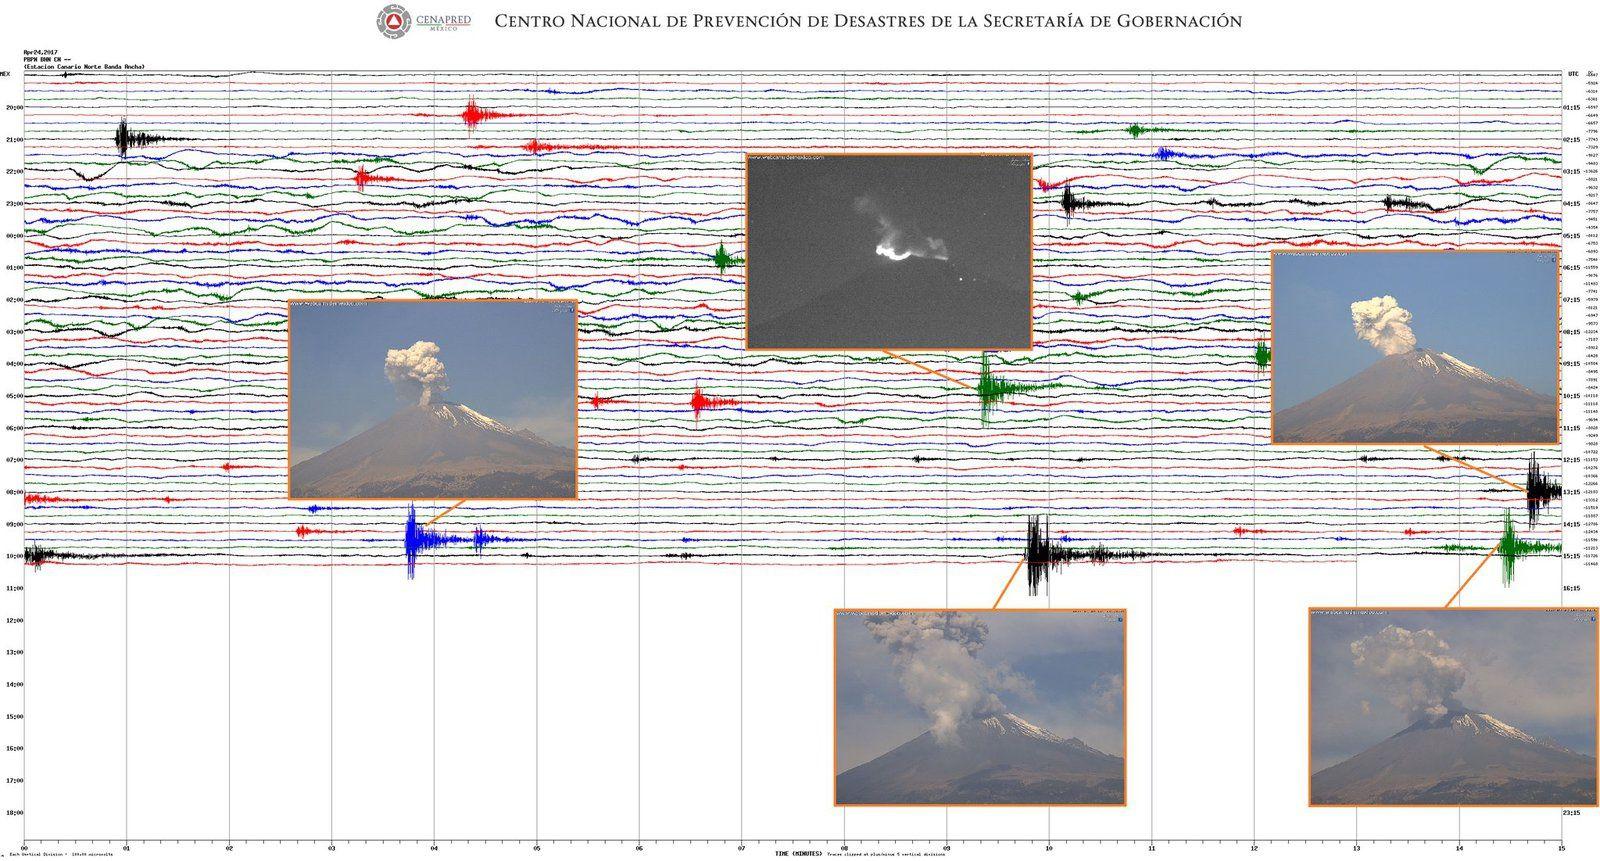 Popocatépetl - quelques explosions en matinée du 24.04.2017 et leur trace sismique - un clic pour agrandir - Doc. Cenapred